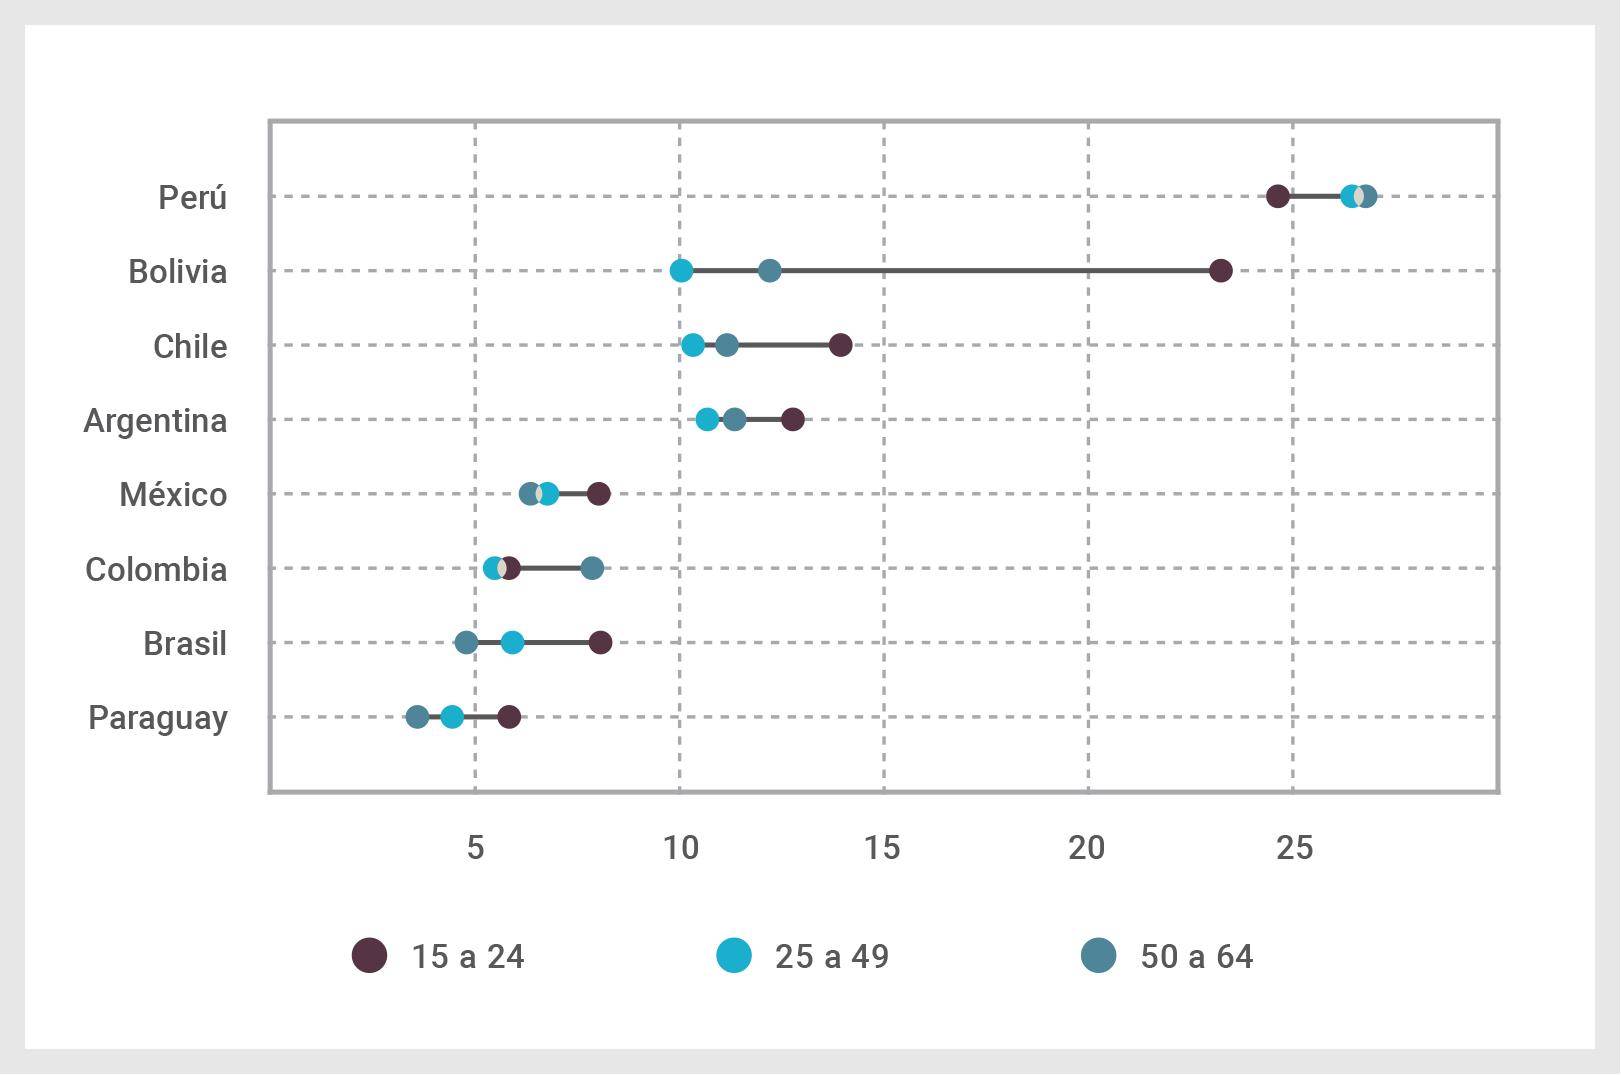 Aumento del porcentaje de personas inactivas (puntos porcentuales), por edad